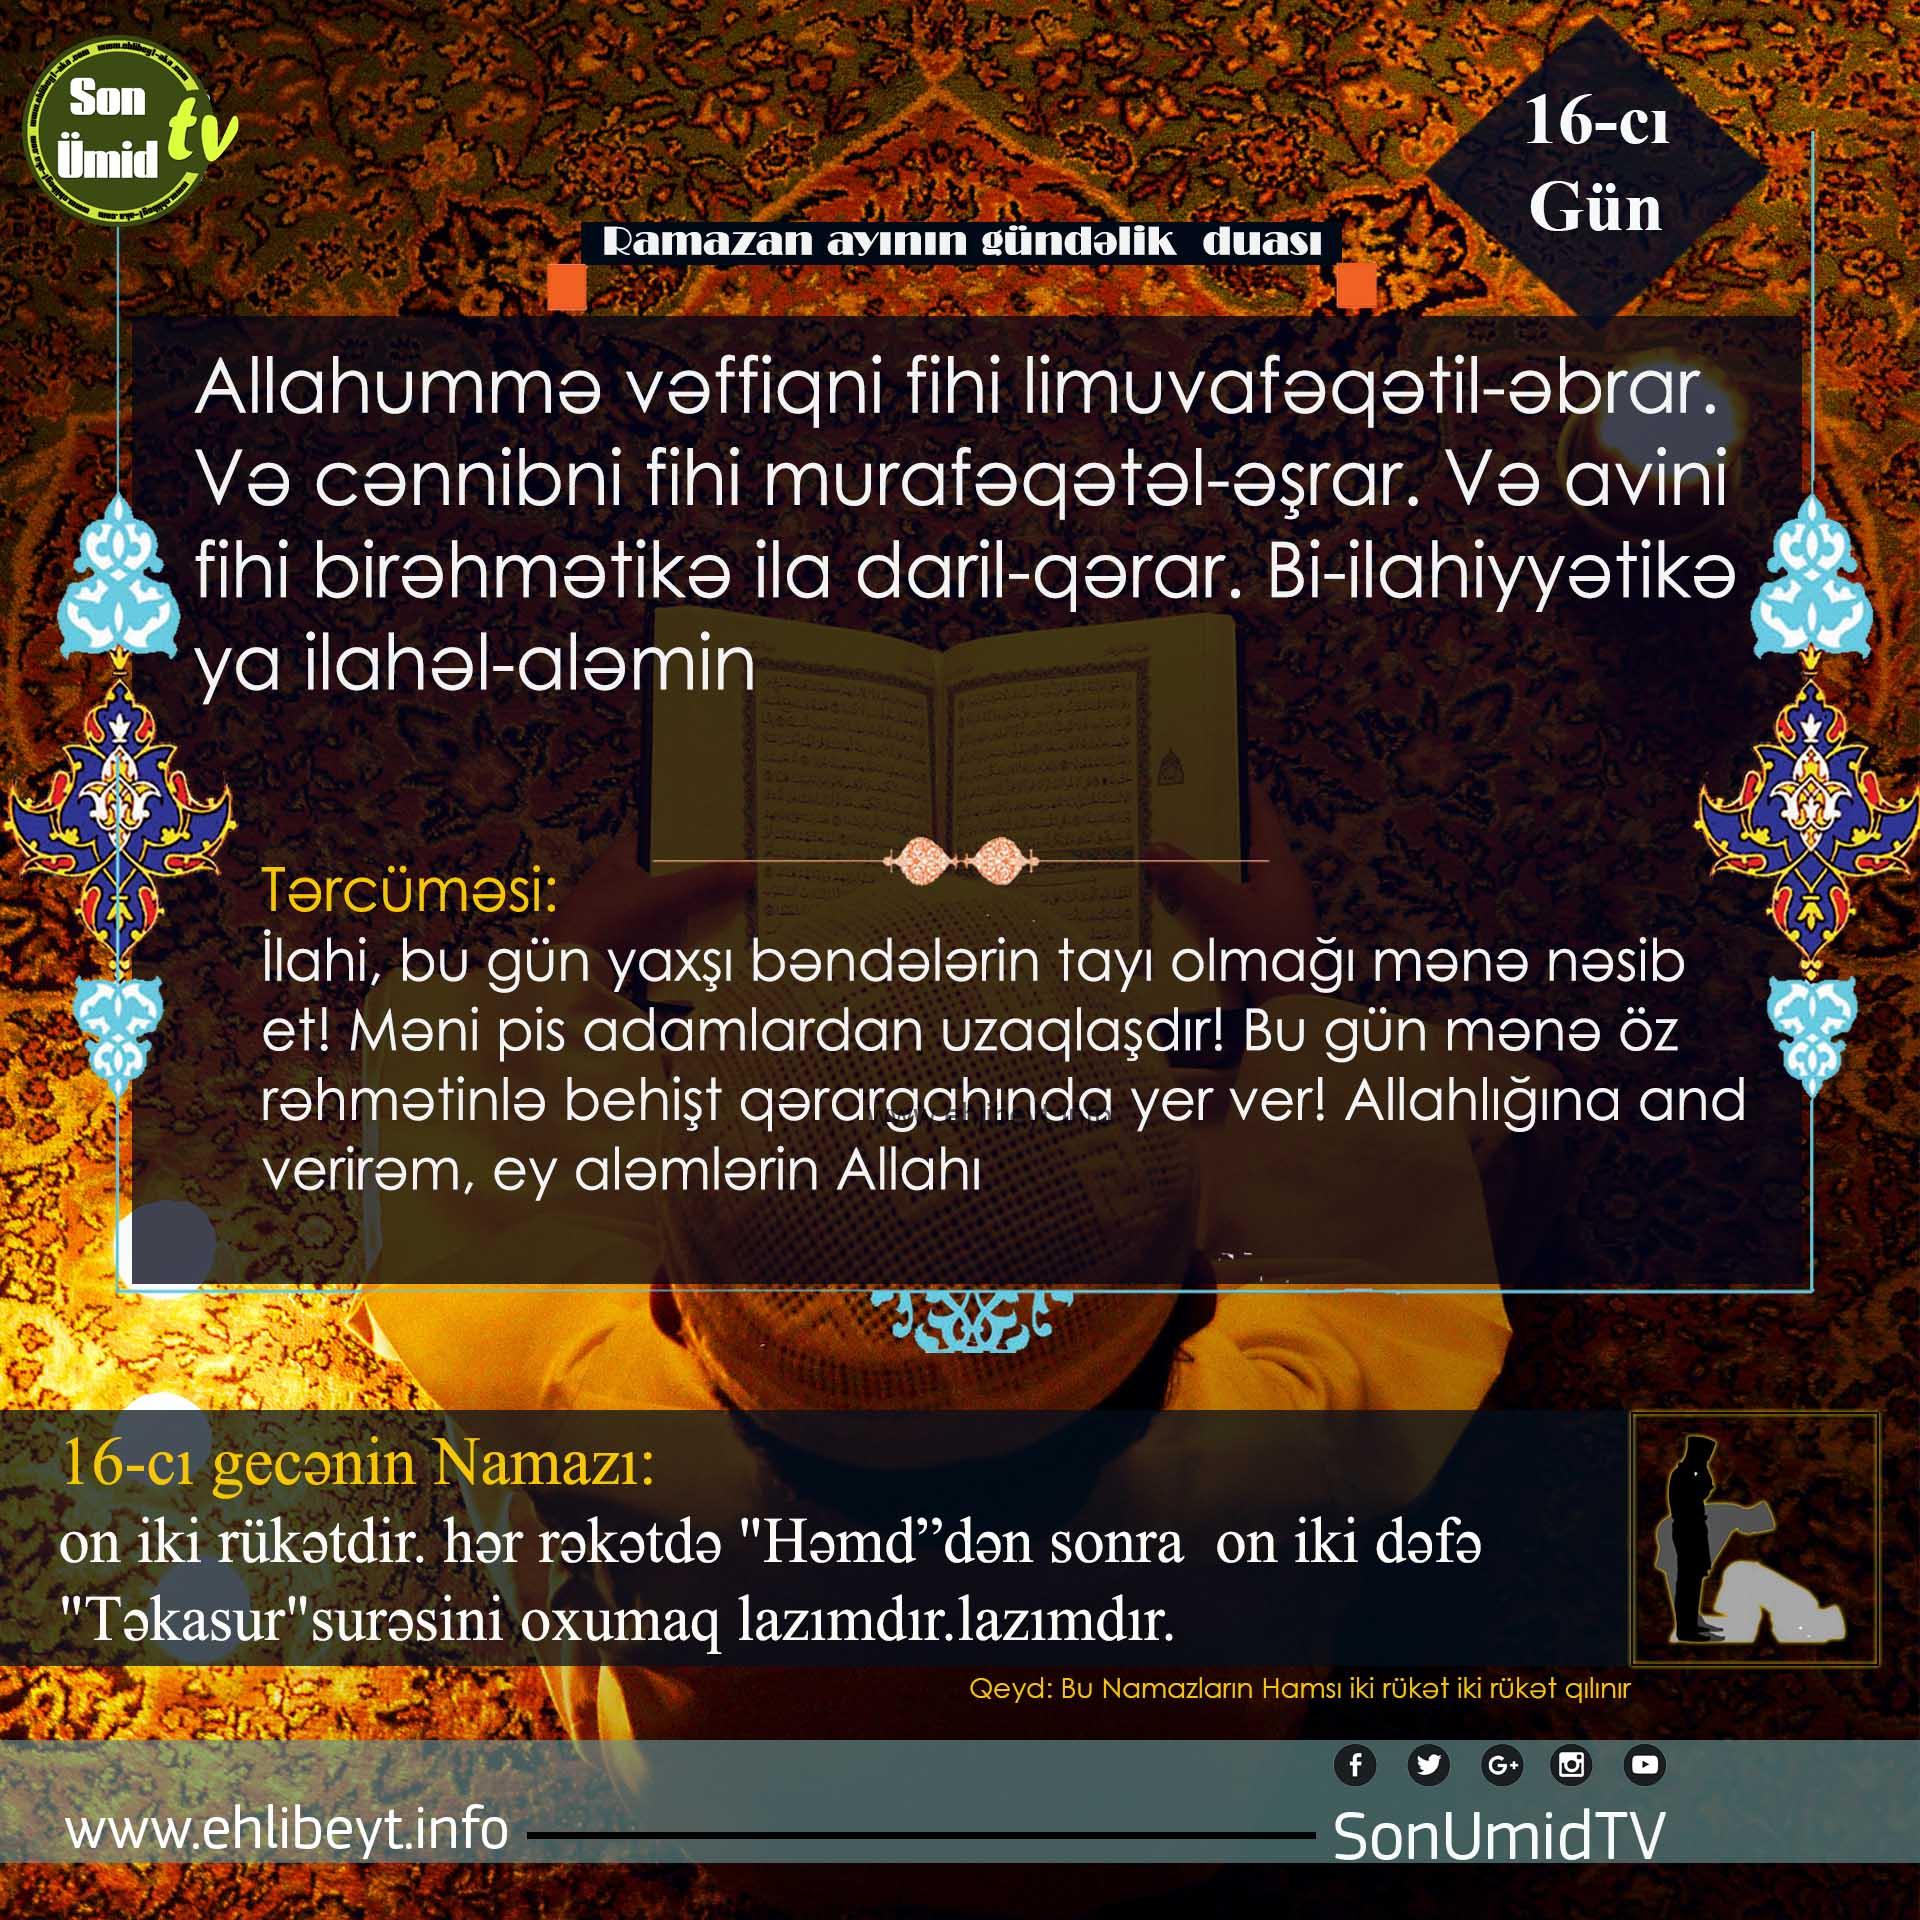 Ramazan  16-cı gününün duası və Namazı